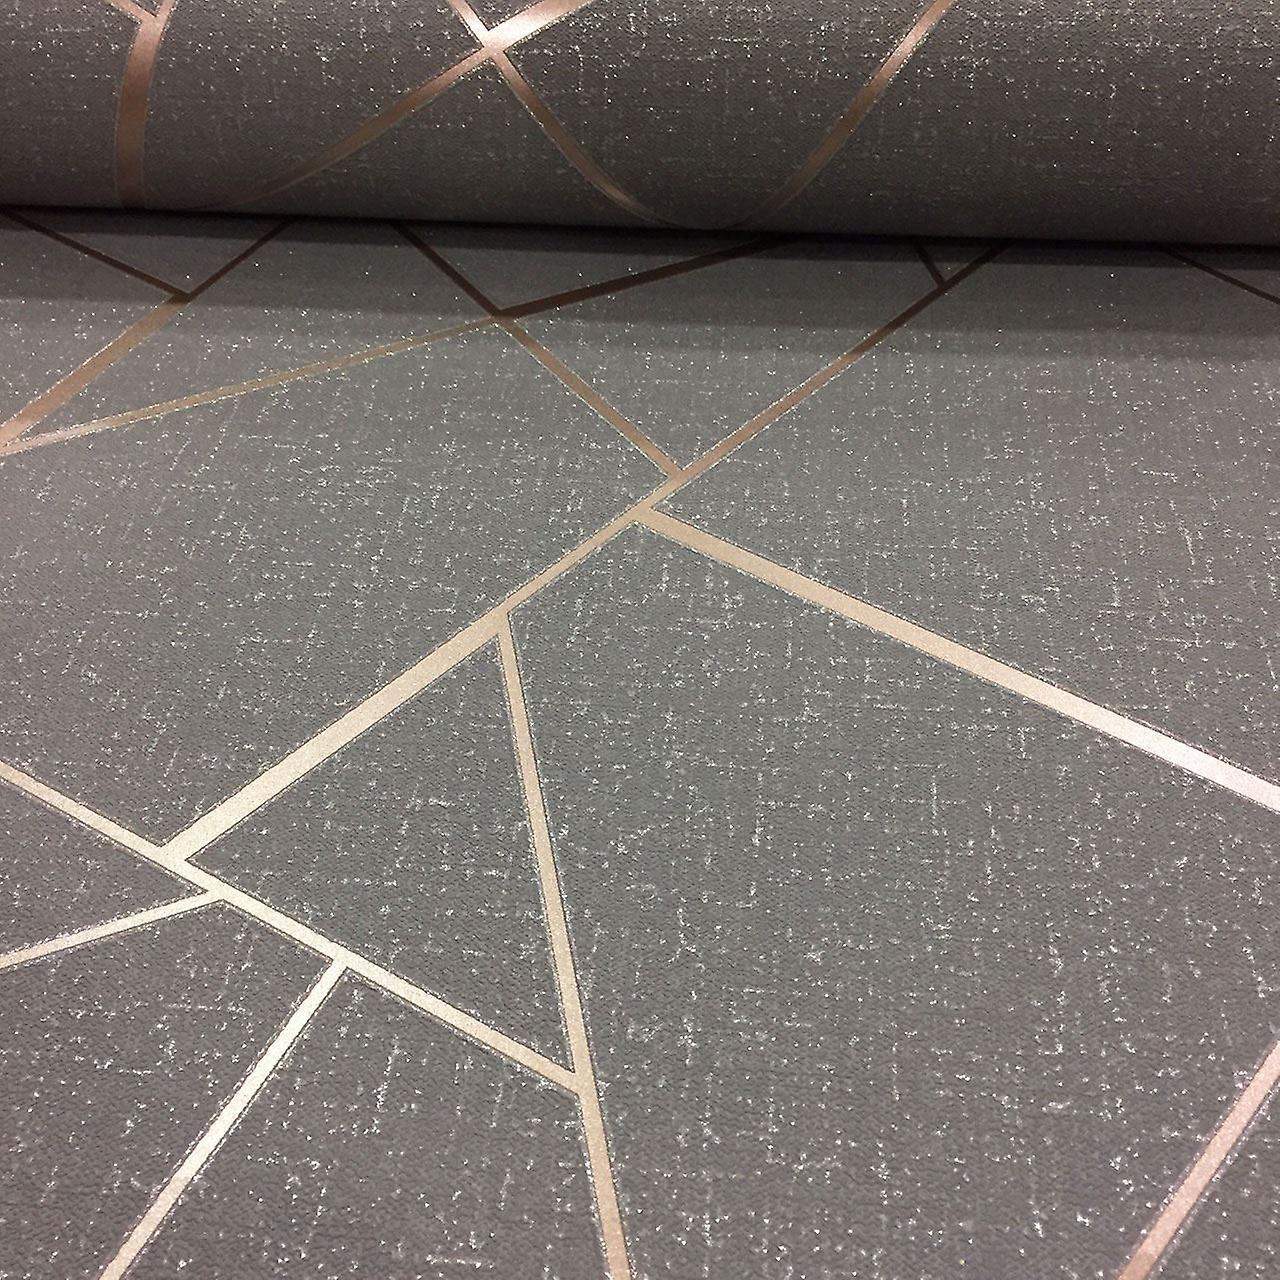 cf528130d4 Ápice papel pintado geométrico lujo textura vinilo brillo metálico fino  decoración gris cobre